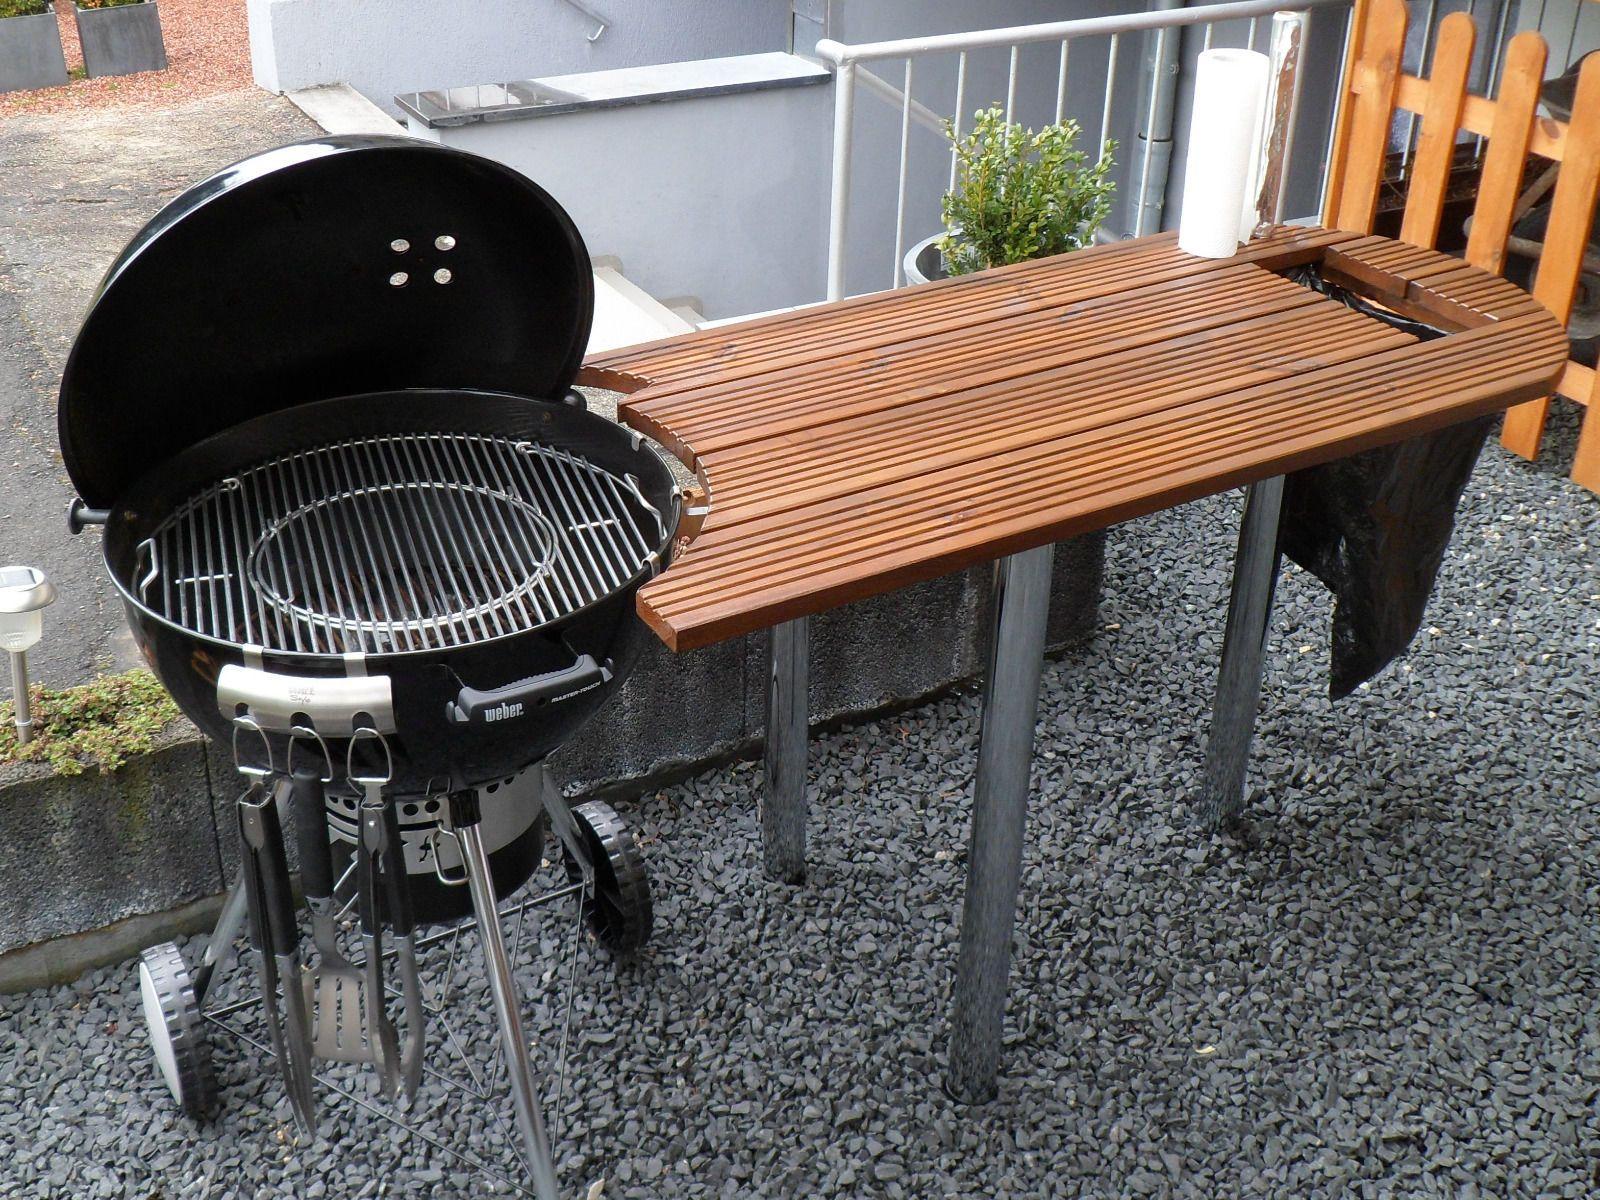 Outdoor Küche Grill : Outdoor küche mit grill outdoorküche gemauert mit einbau gasgrill